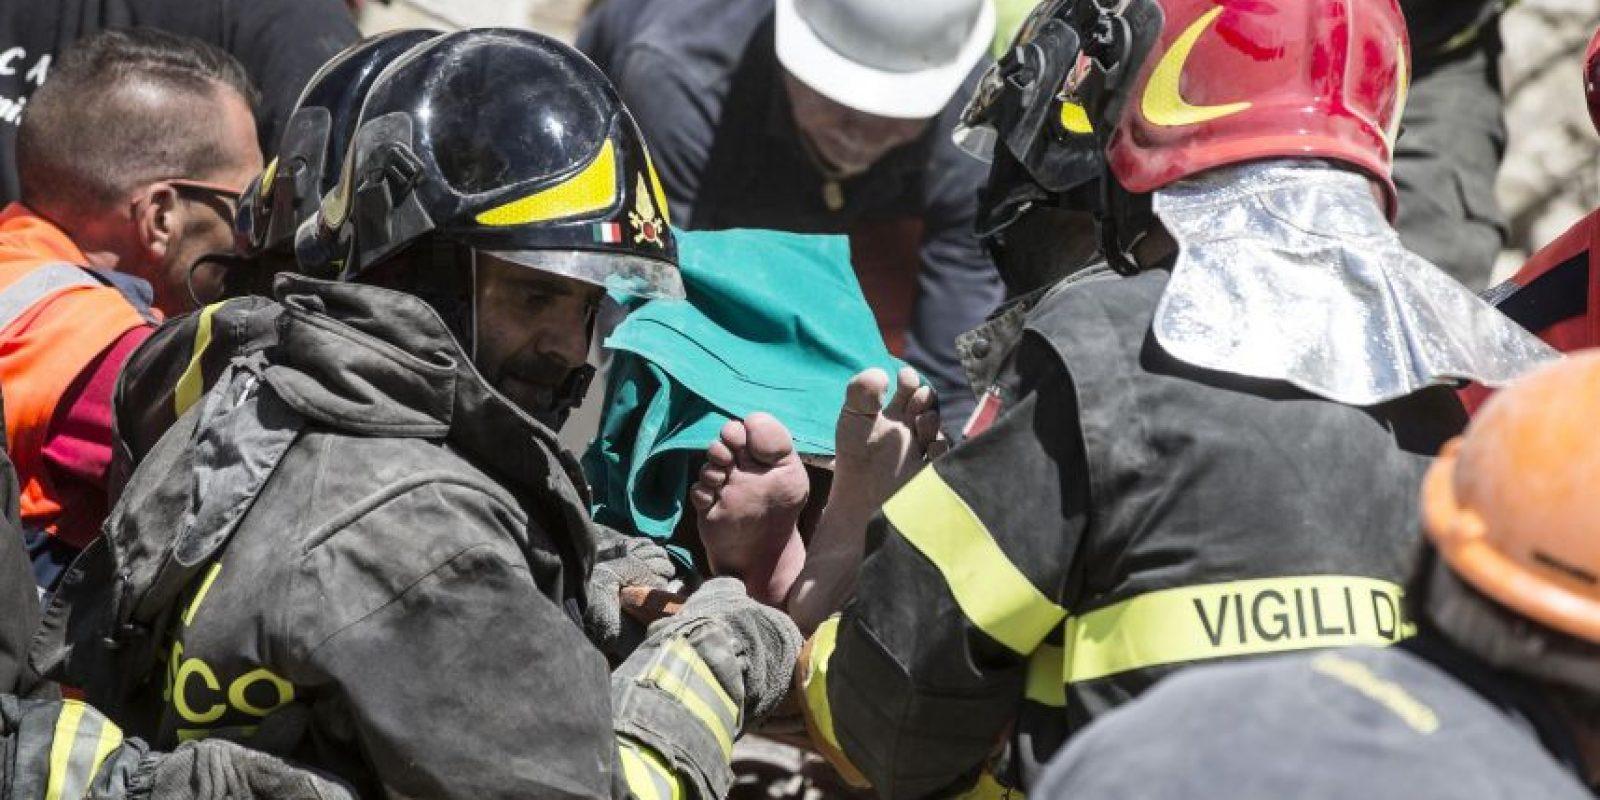 Un hombre herido es cargado en una camilla por los equipos de rescate tras el terremoto en Accumoli, Italia. El sismo de magnitud 6.6 se produjo a las 3:36 a.m. y se sintió en una amplia franja del centro Italia, incluyendo Roma. El temblor sacudió la región de Lazio, Umbría y Marcas. Foto:AP. Imagen Por: